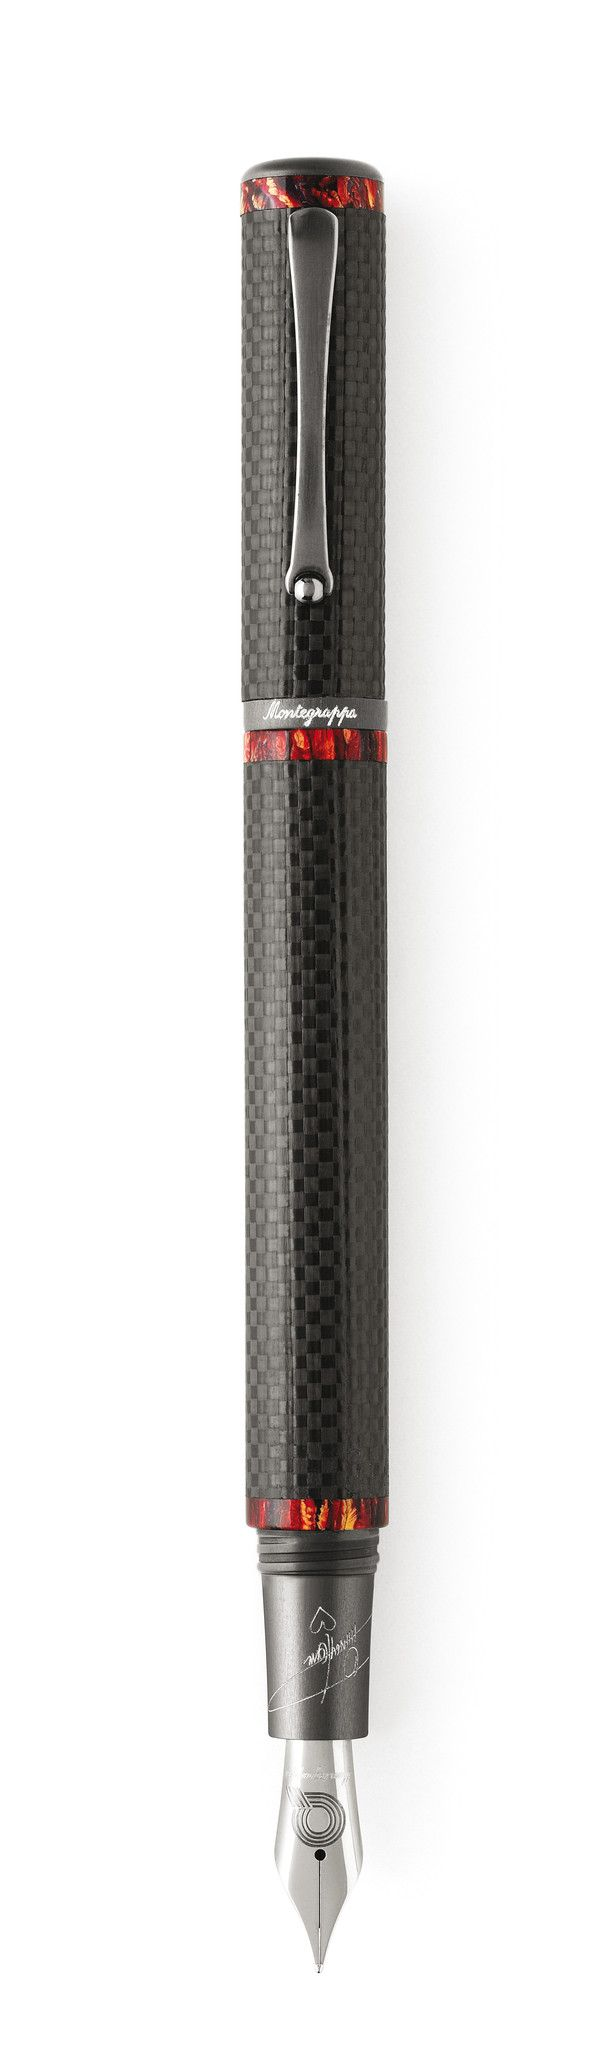 Quincy Jones Fountain Pen - Carbon Fiber